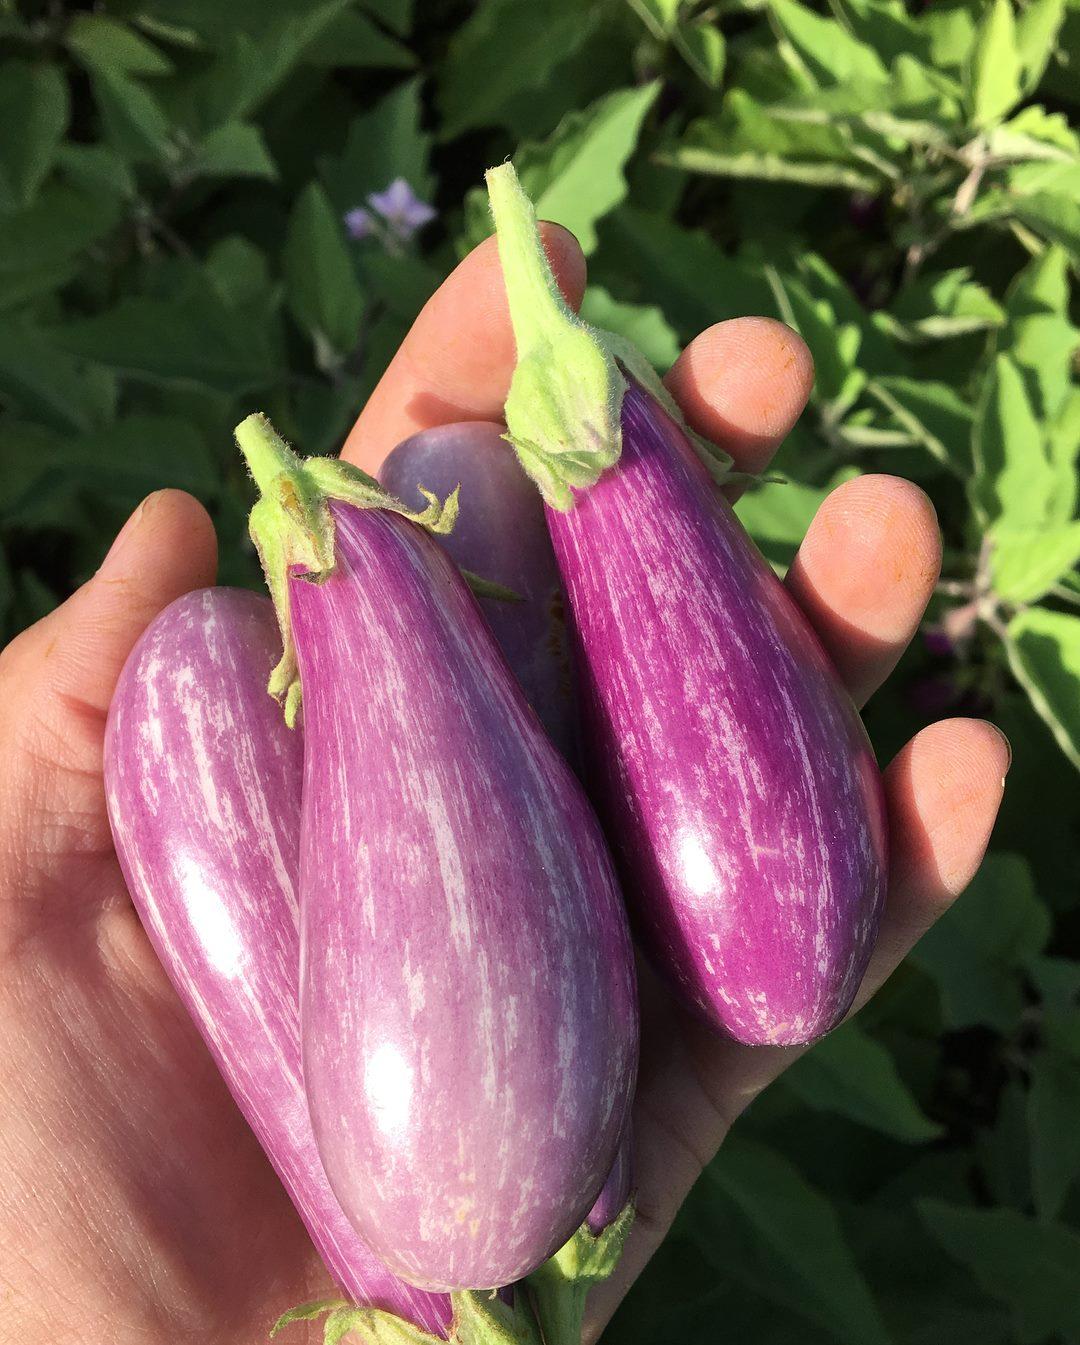 brooklyn_grange_eggplant.jpg